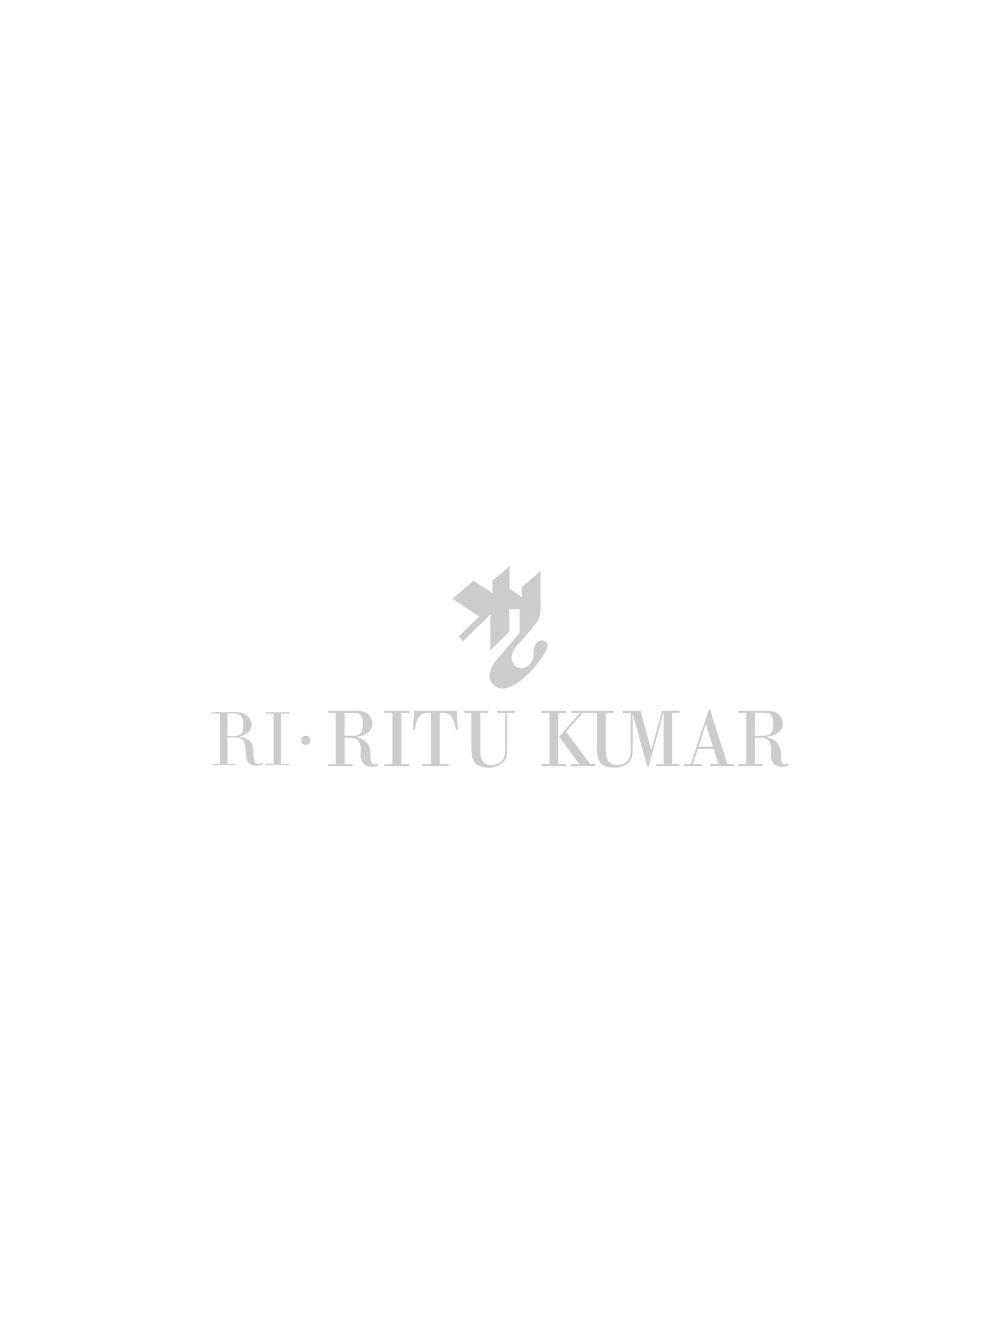 Panchvastra Look Book in Ritu Kumar